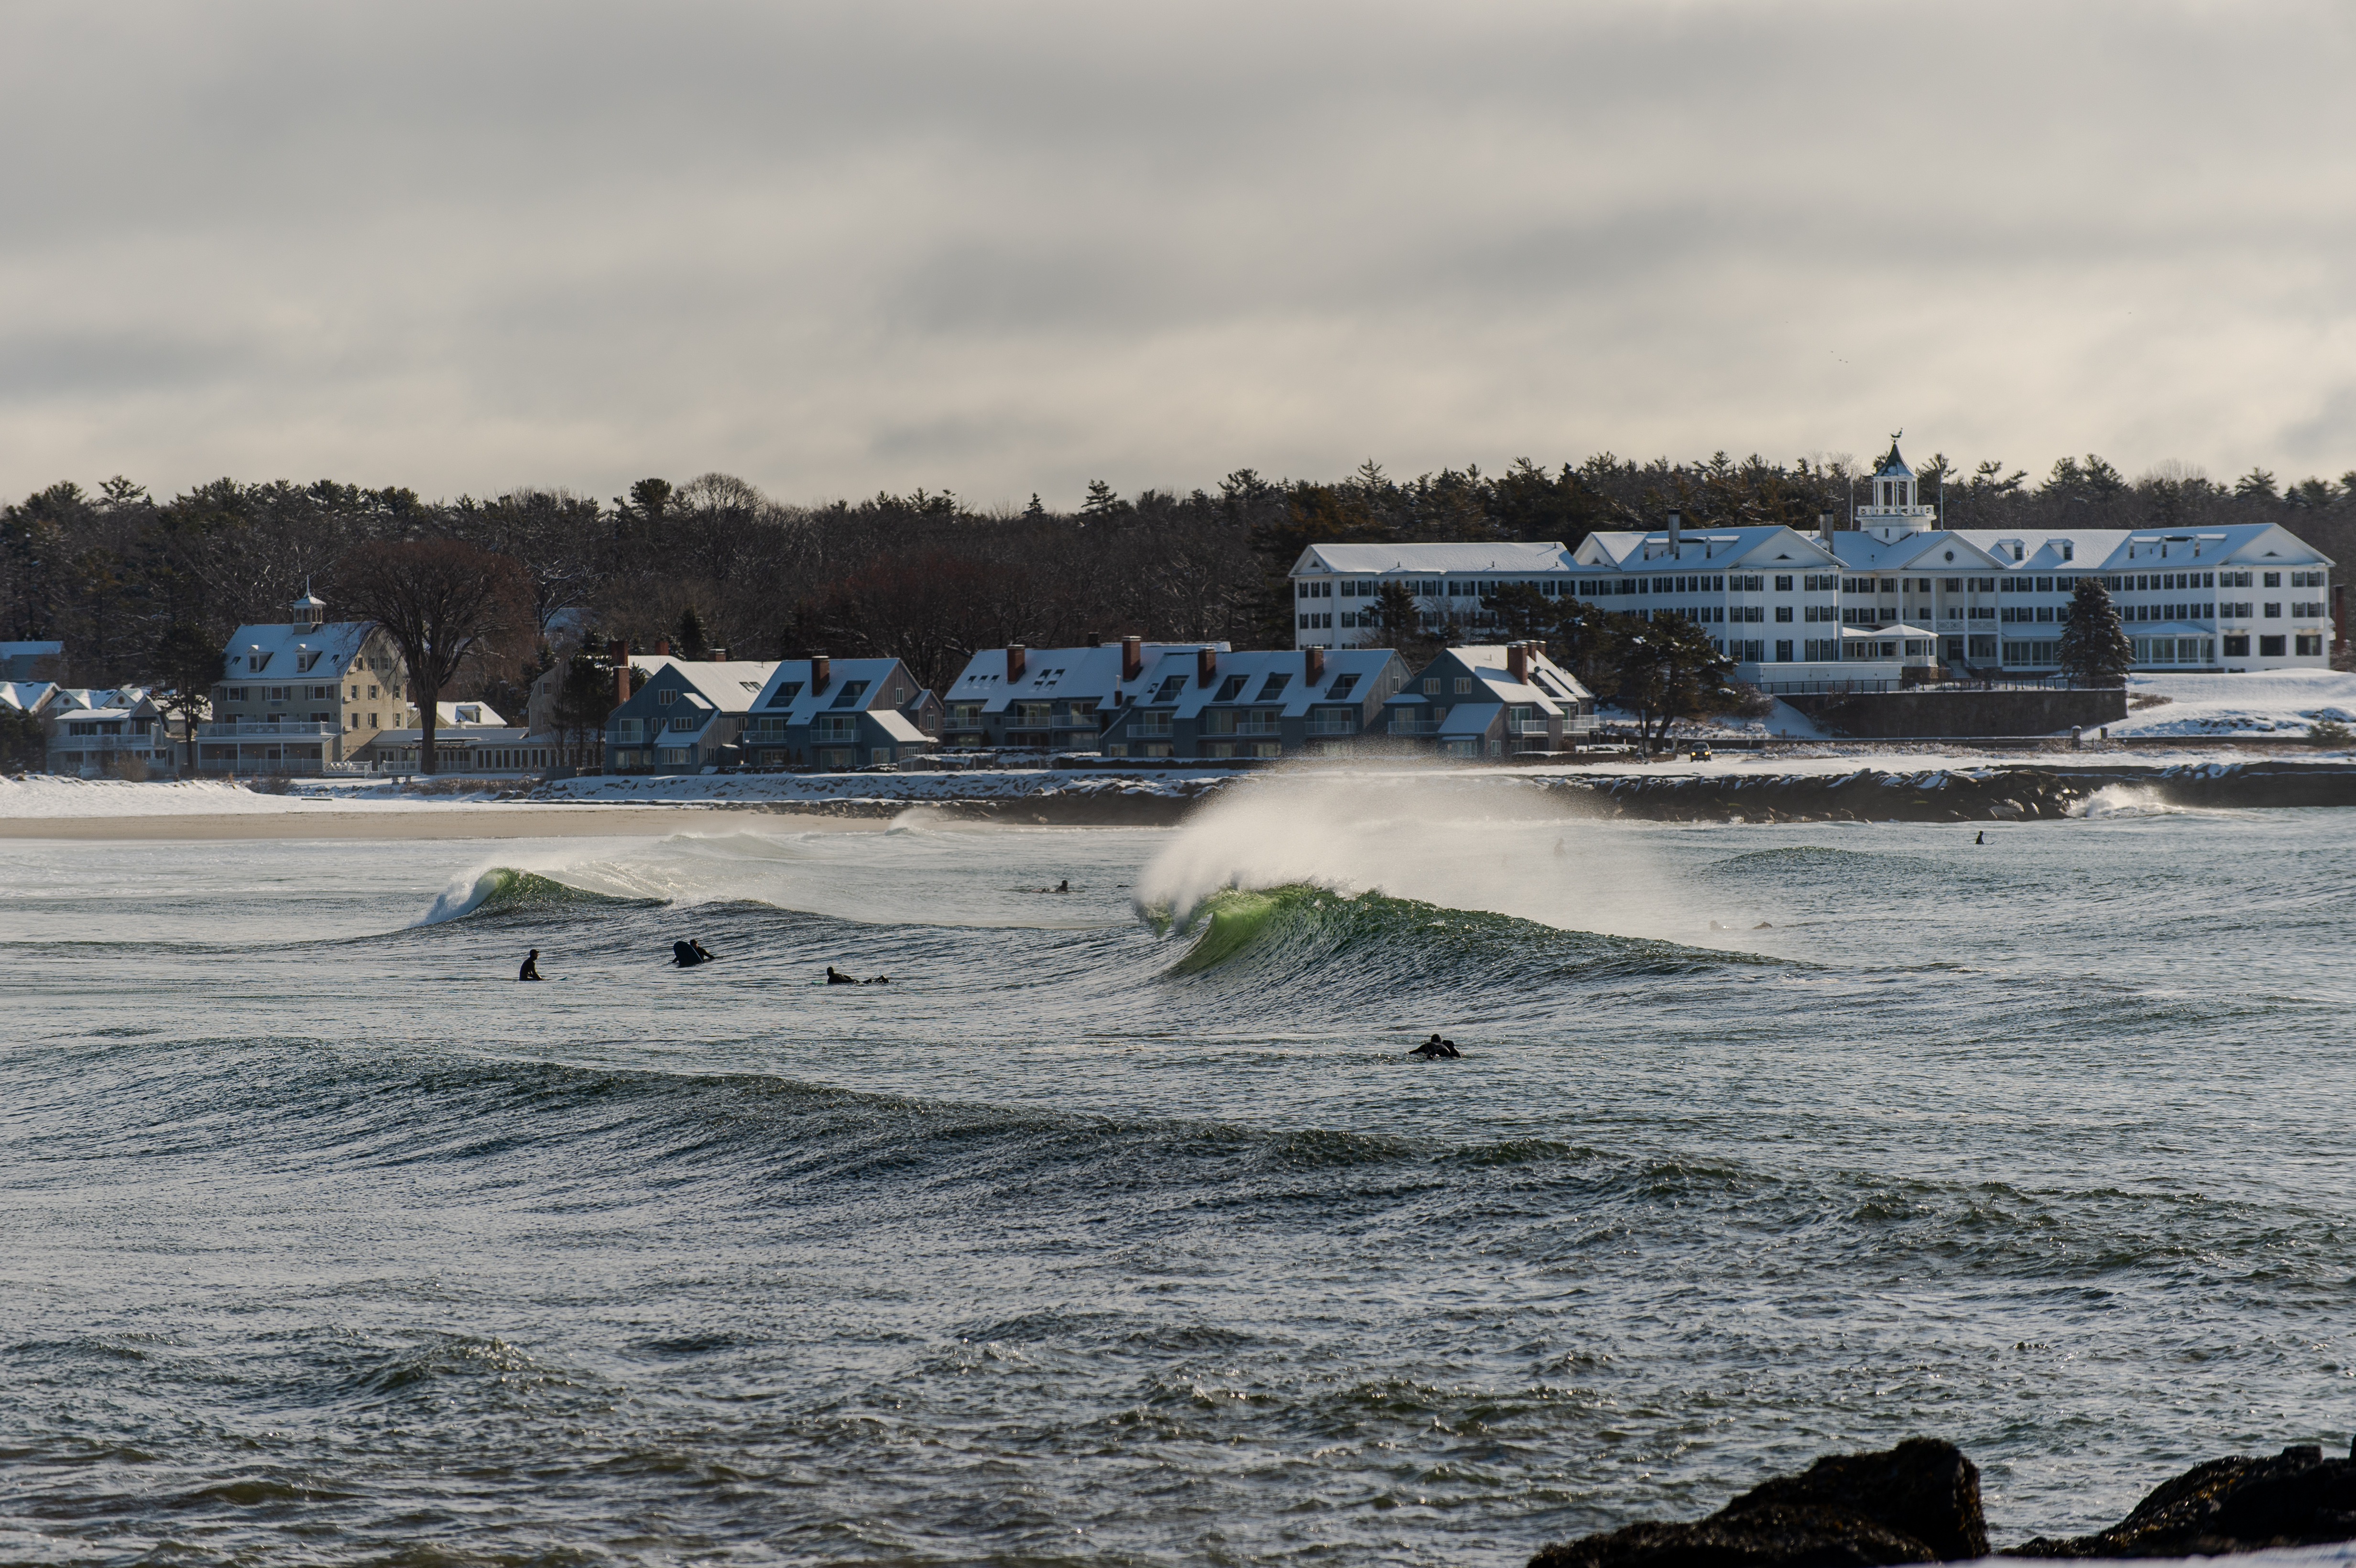 Surfline_CoryRansom_Maine_3_24_20-8 (1).